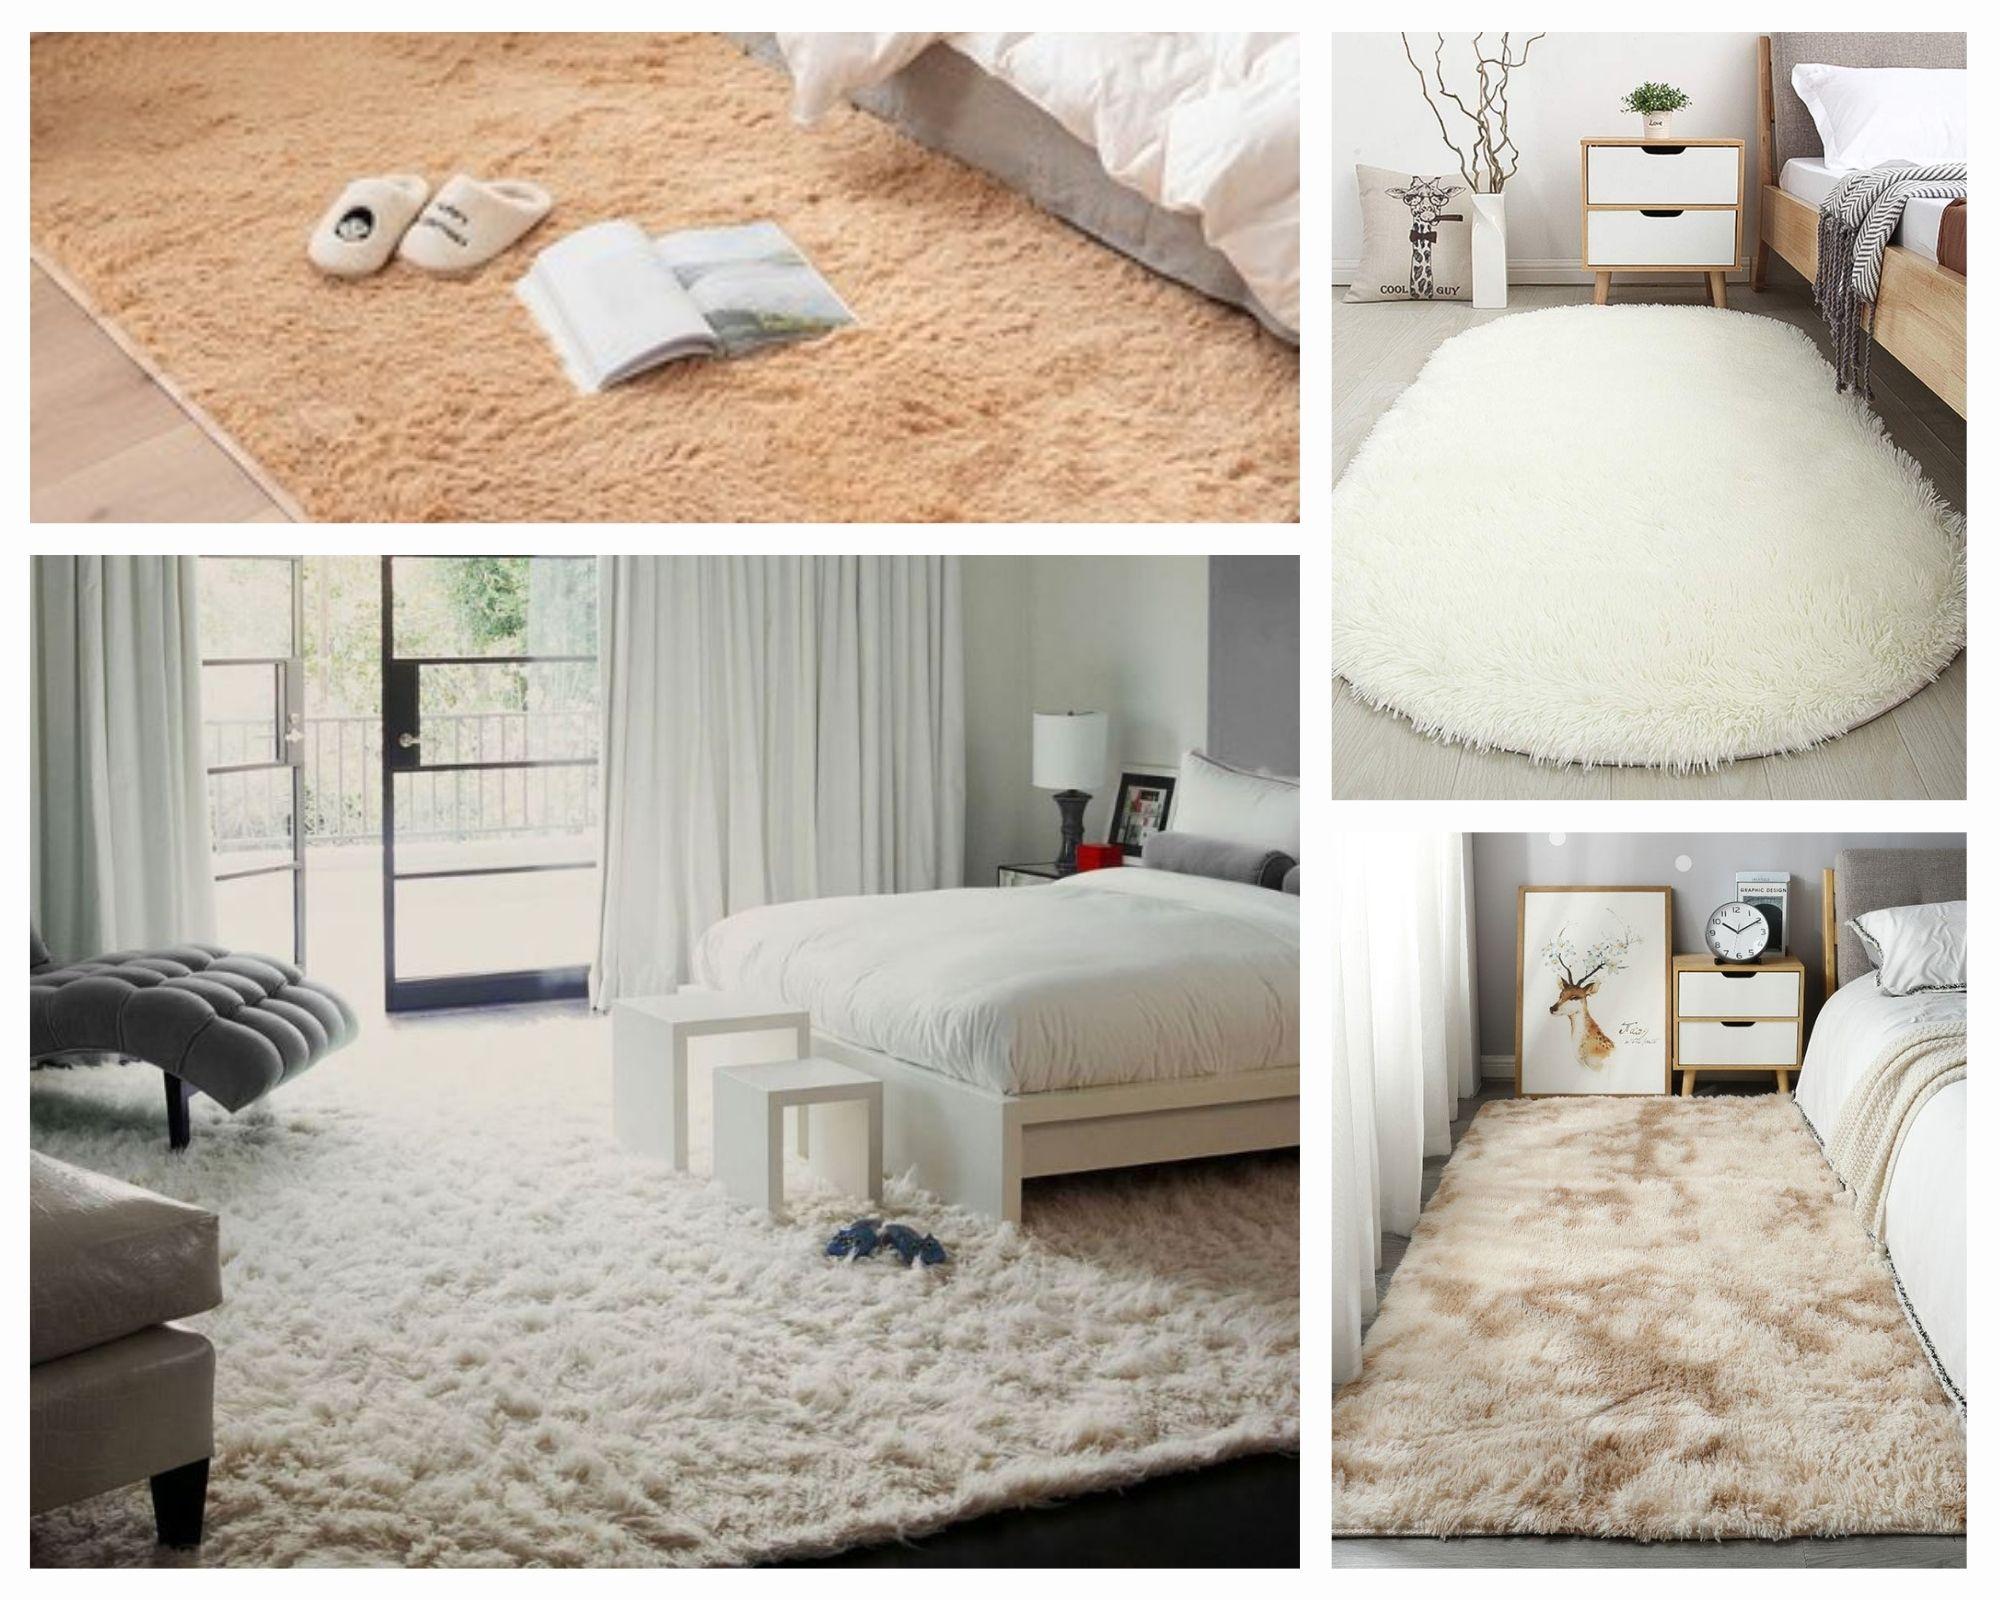 Sử dụng thảm trải sàn phòng ngủ giúp không gian thêm ấm cúng